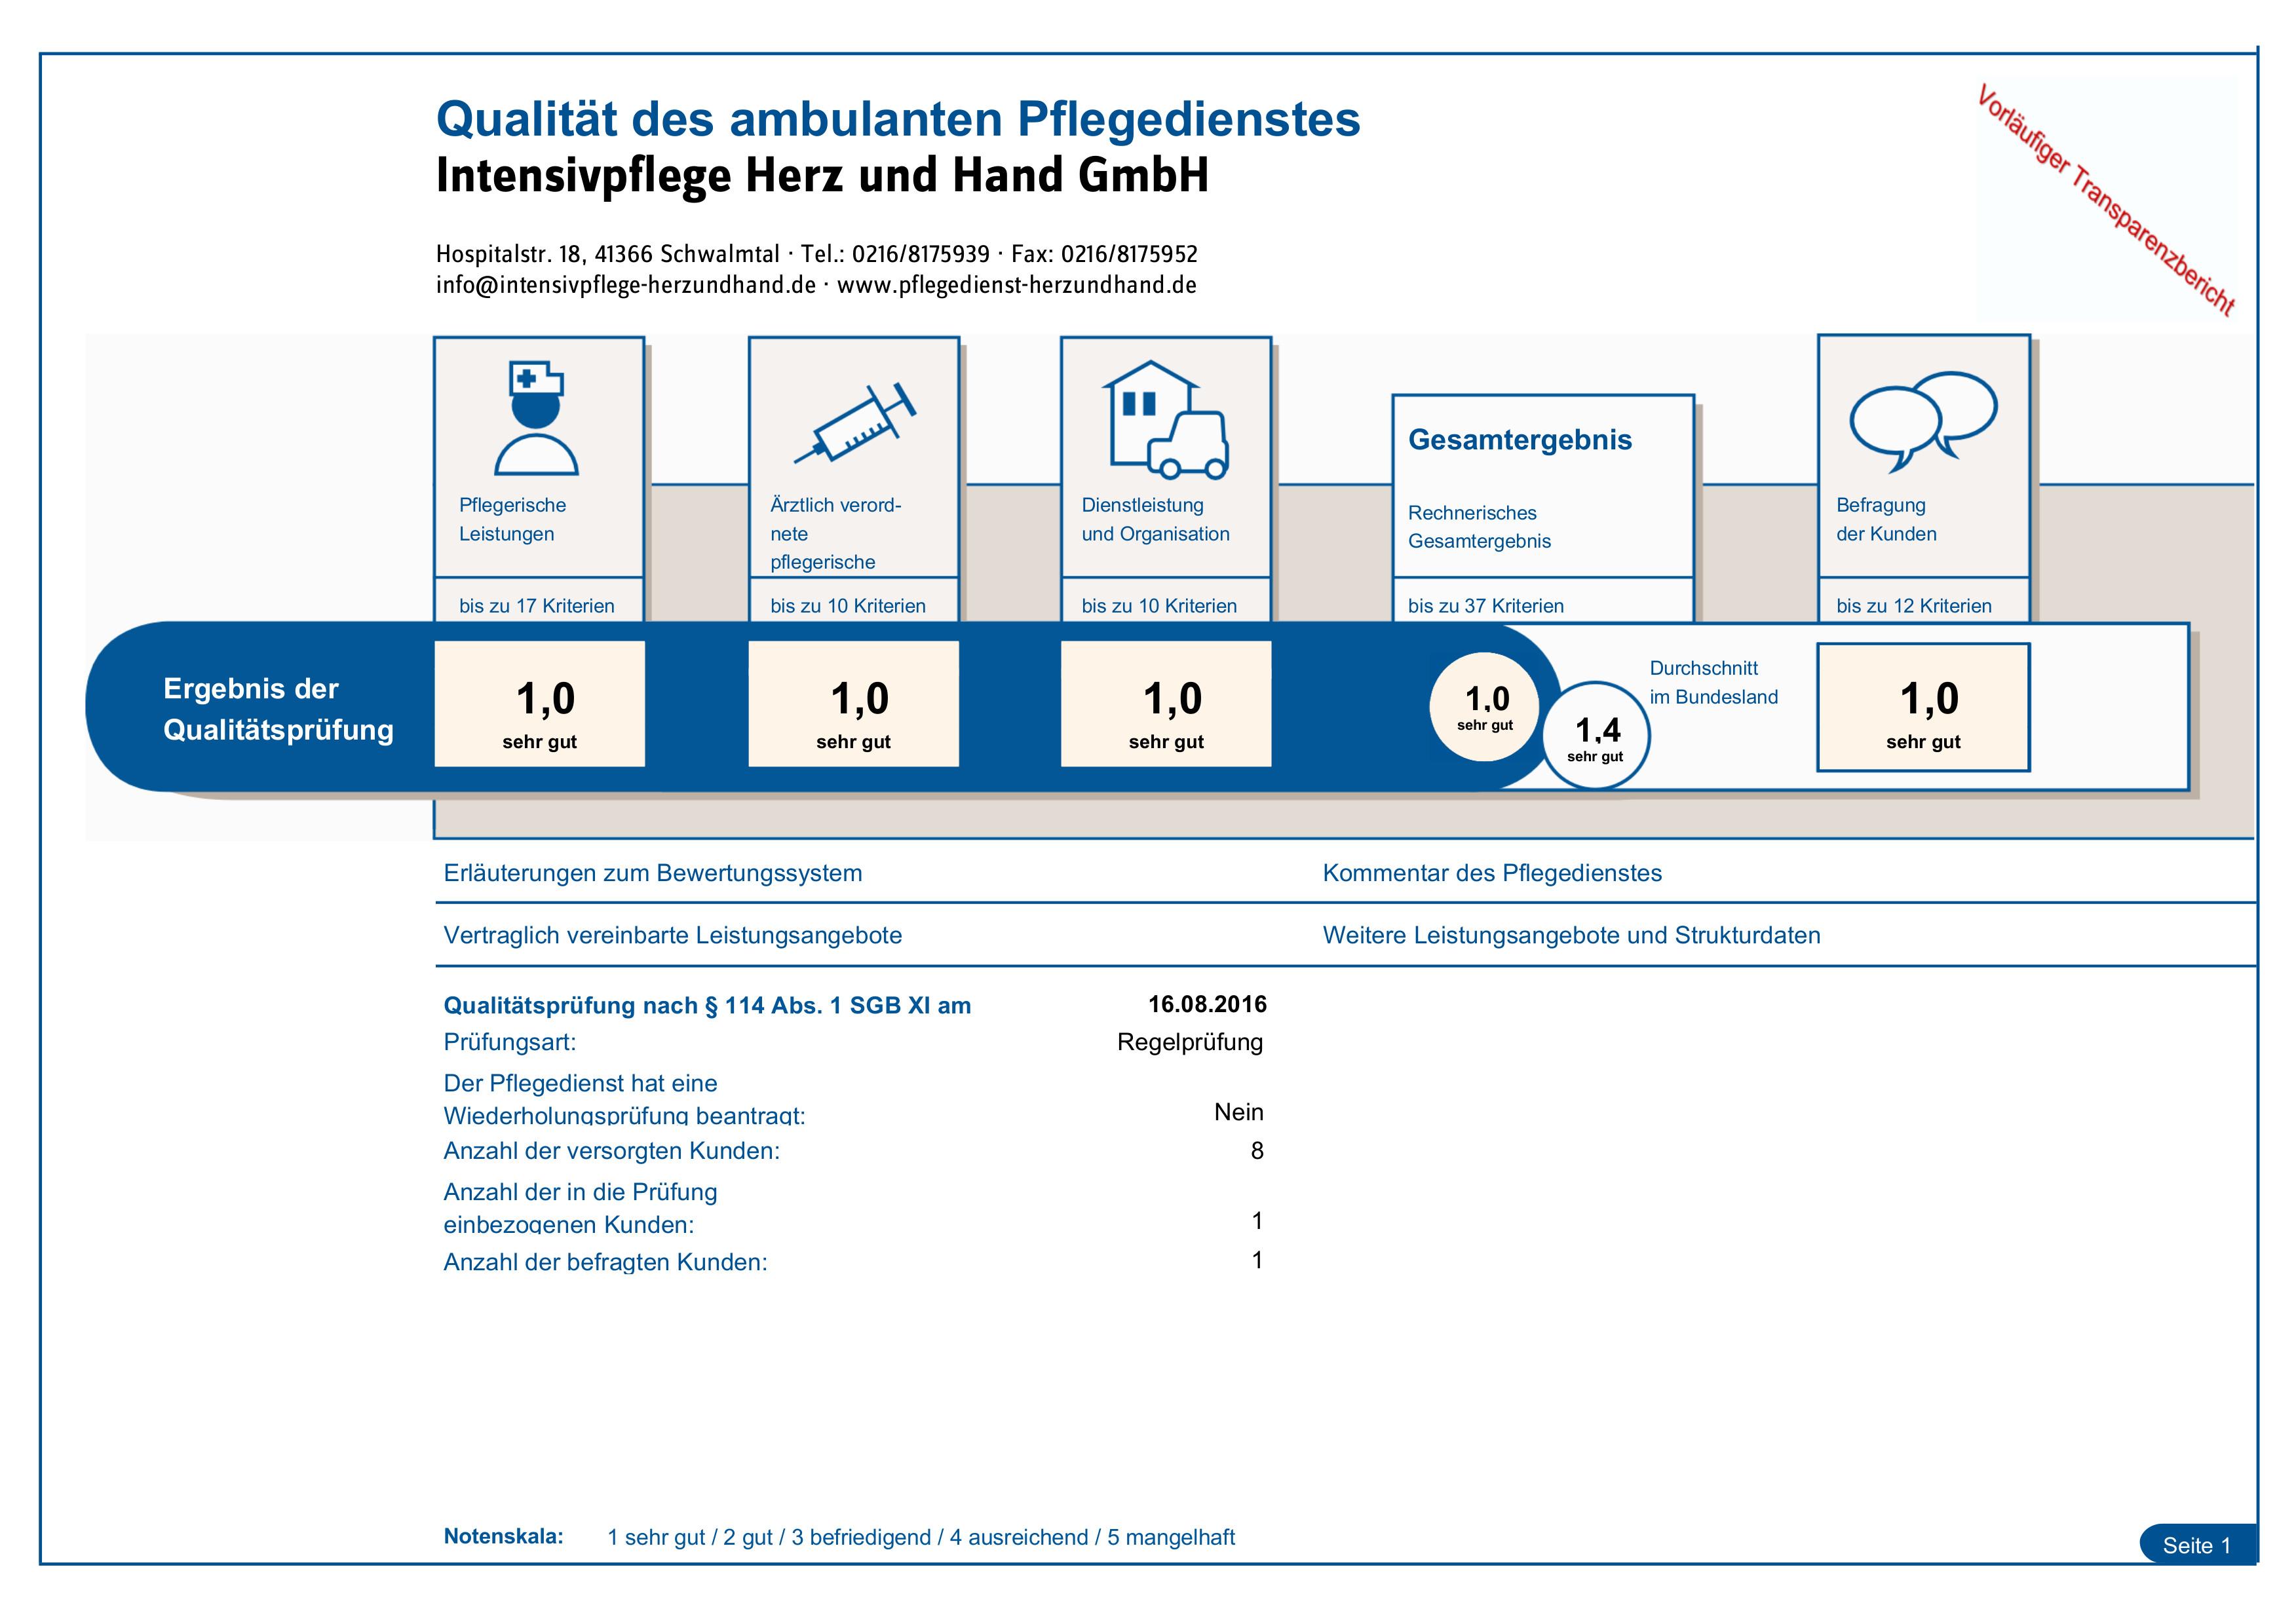 MDK Qualitätsprüfung 2016